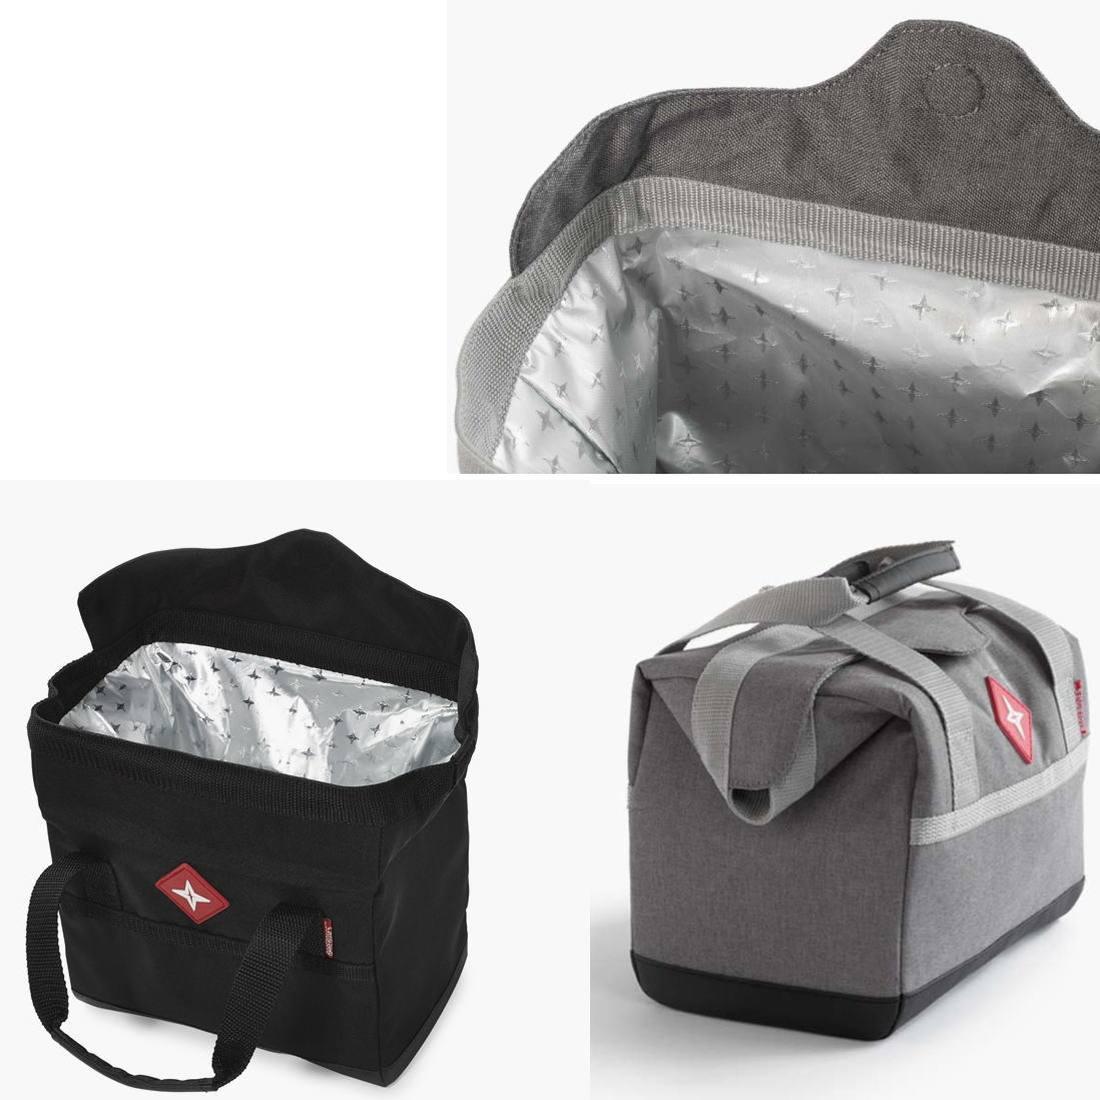 ベアボーンズ リビング ソフトクーラー トレッカー 保冷バック  国内正規品